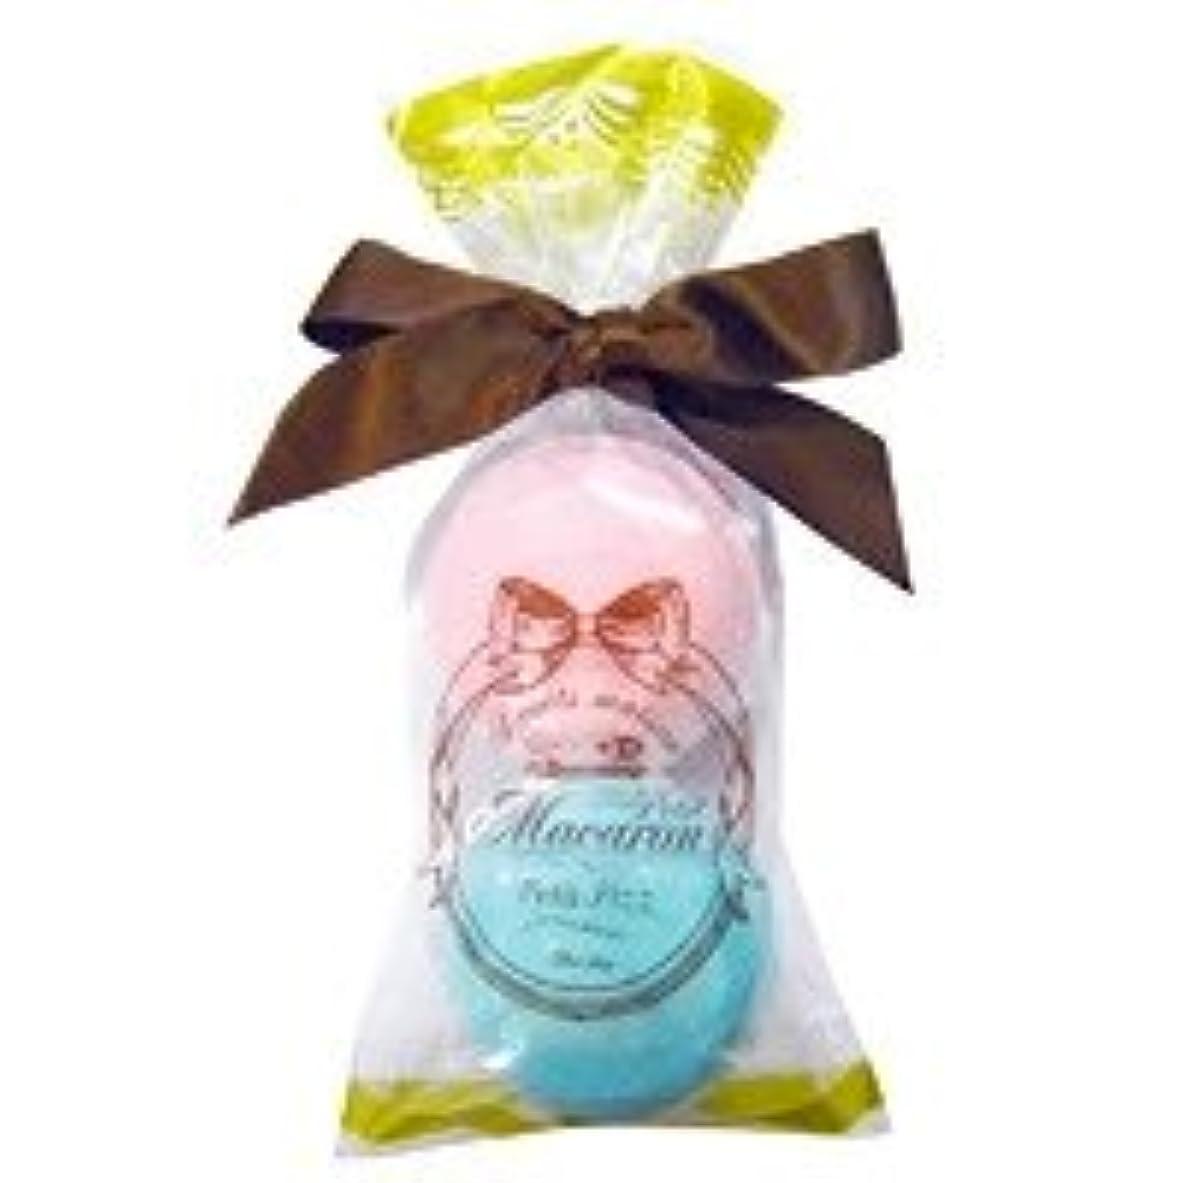 愛アーティスト配管工スウィーツメゾン プチマカロンミニセット「ピンク&ターコイズ」6個セット 甘酸っぱいラズベリーの香り&香り豊かなグリーンティの香り